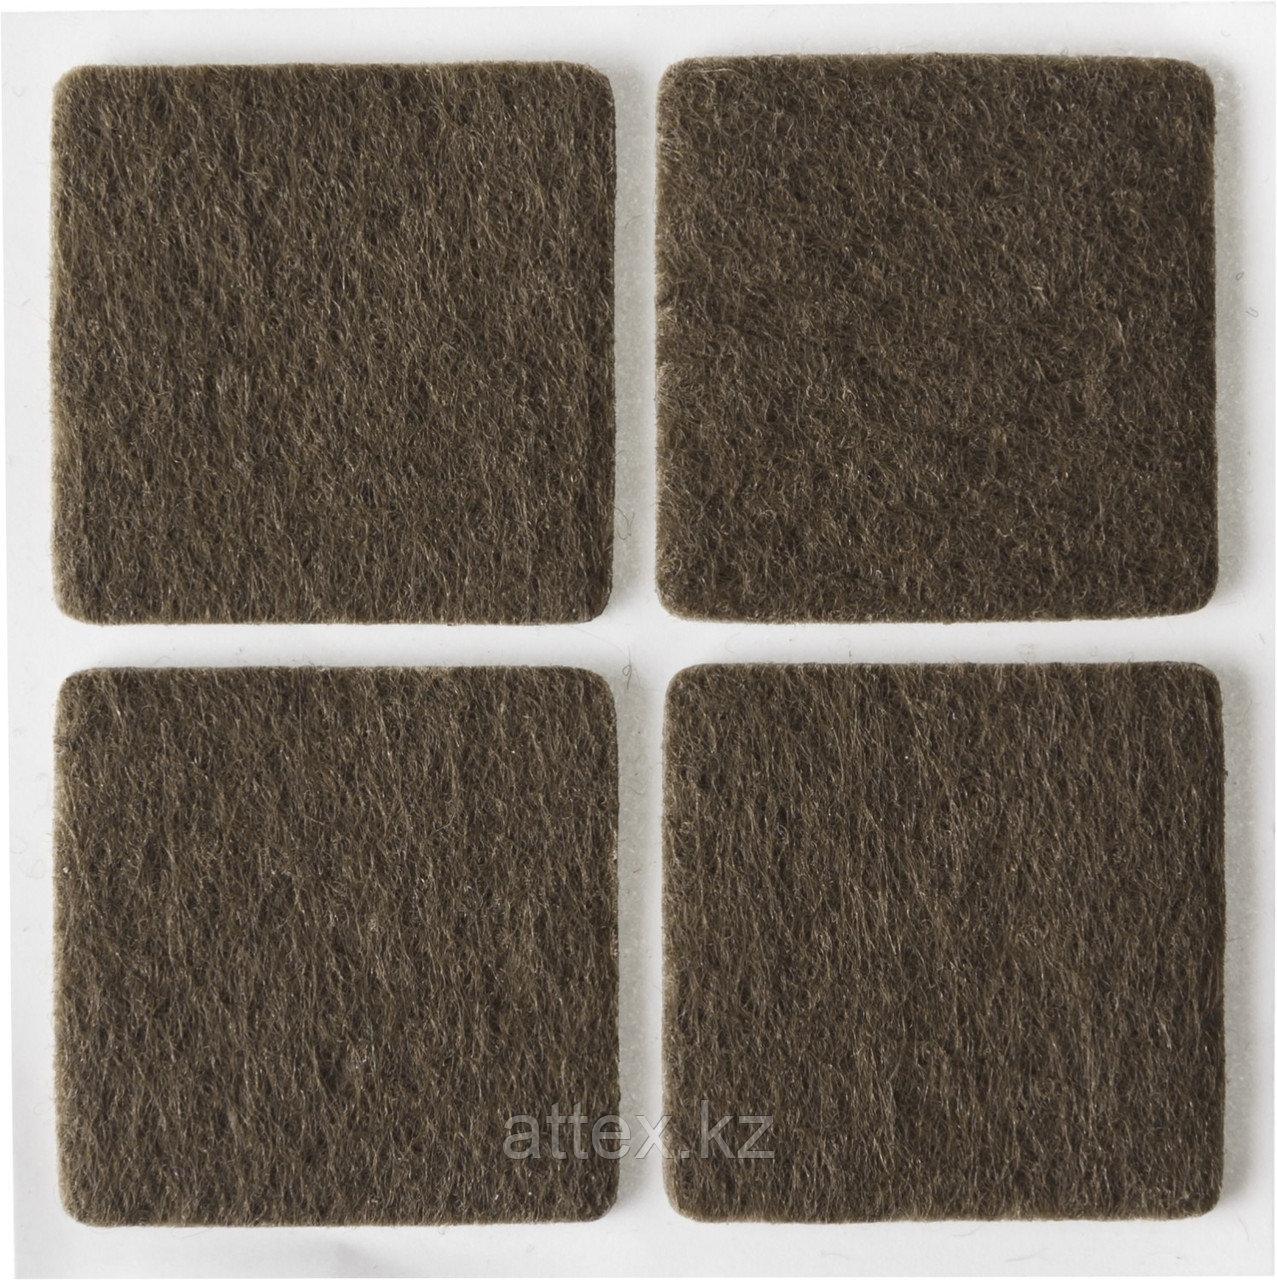 """Накладки STAYER """"COMFORT"""" на мебельные ножки, самоклеящиеся, фетровые, коричневые, квадратные - 25*25 мм, 4 шт 40912-25"""